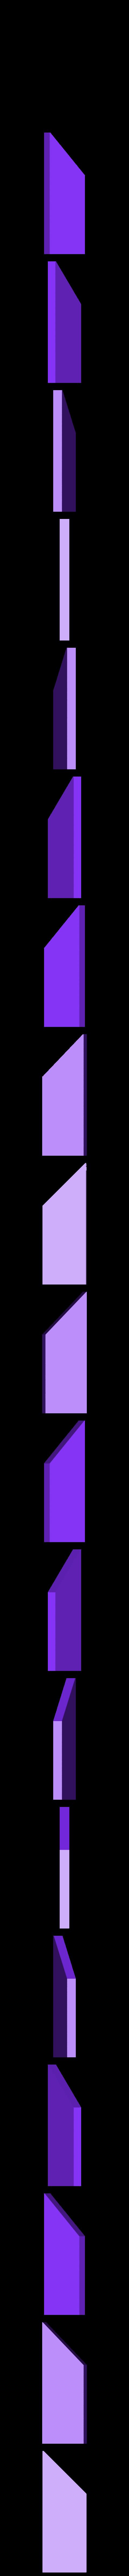 """iqPuzzle_T_1.STL Télécharger fichier STL gratuit Puzzle Assemblez une lettre """"T"""" de 4 pièces • Objet pour impression 3D, Cerega"""